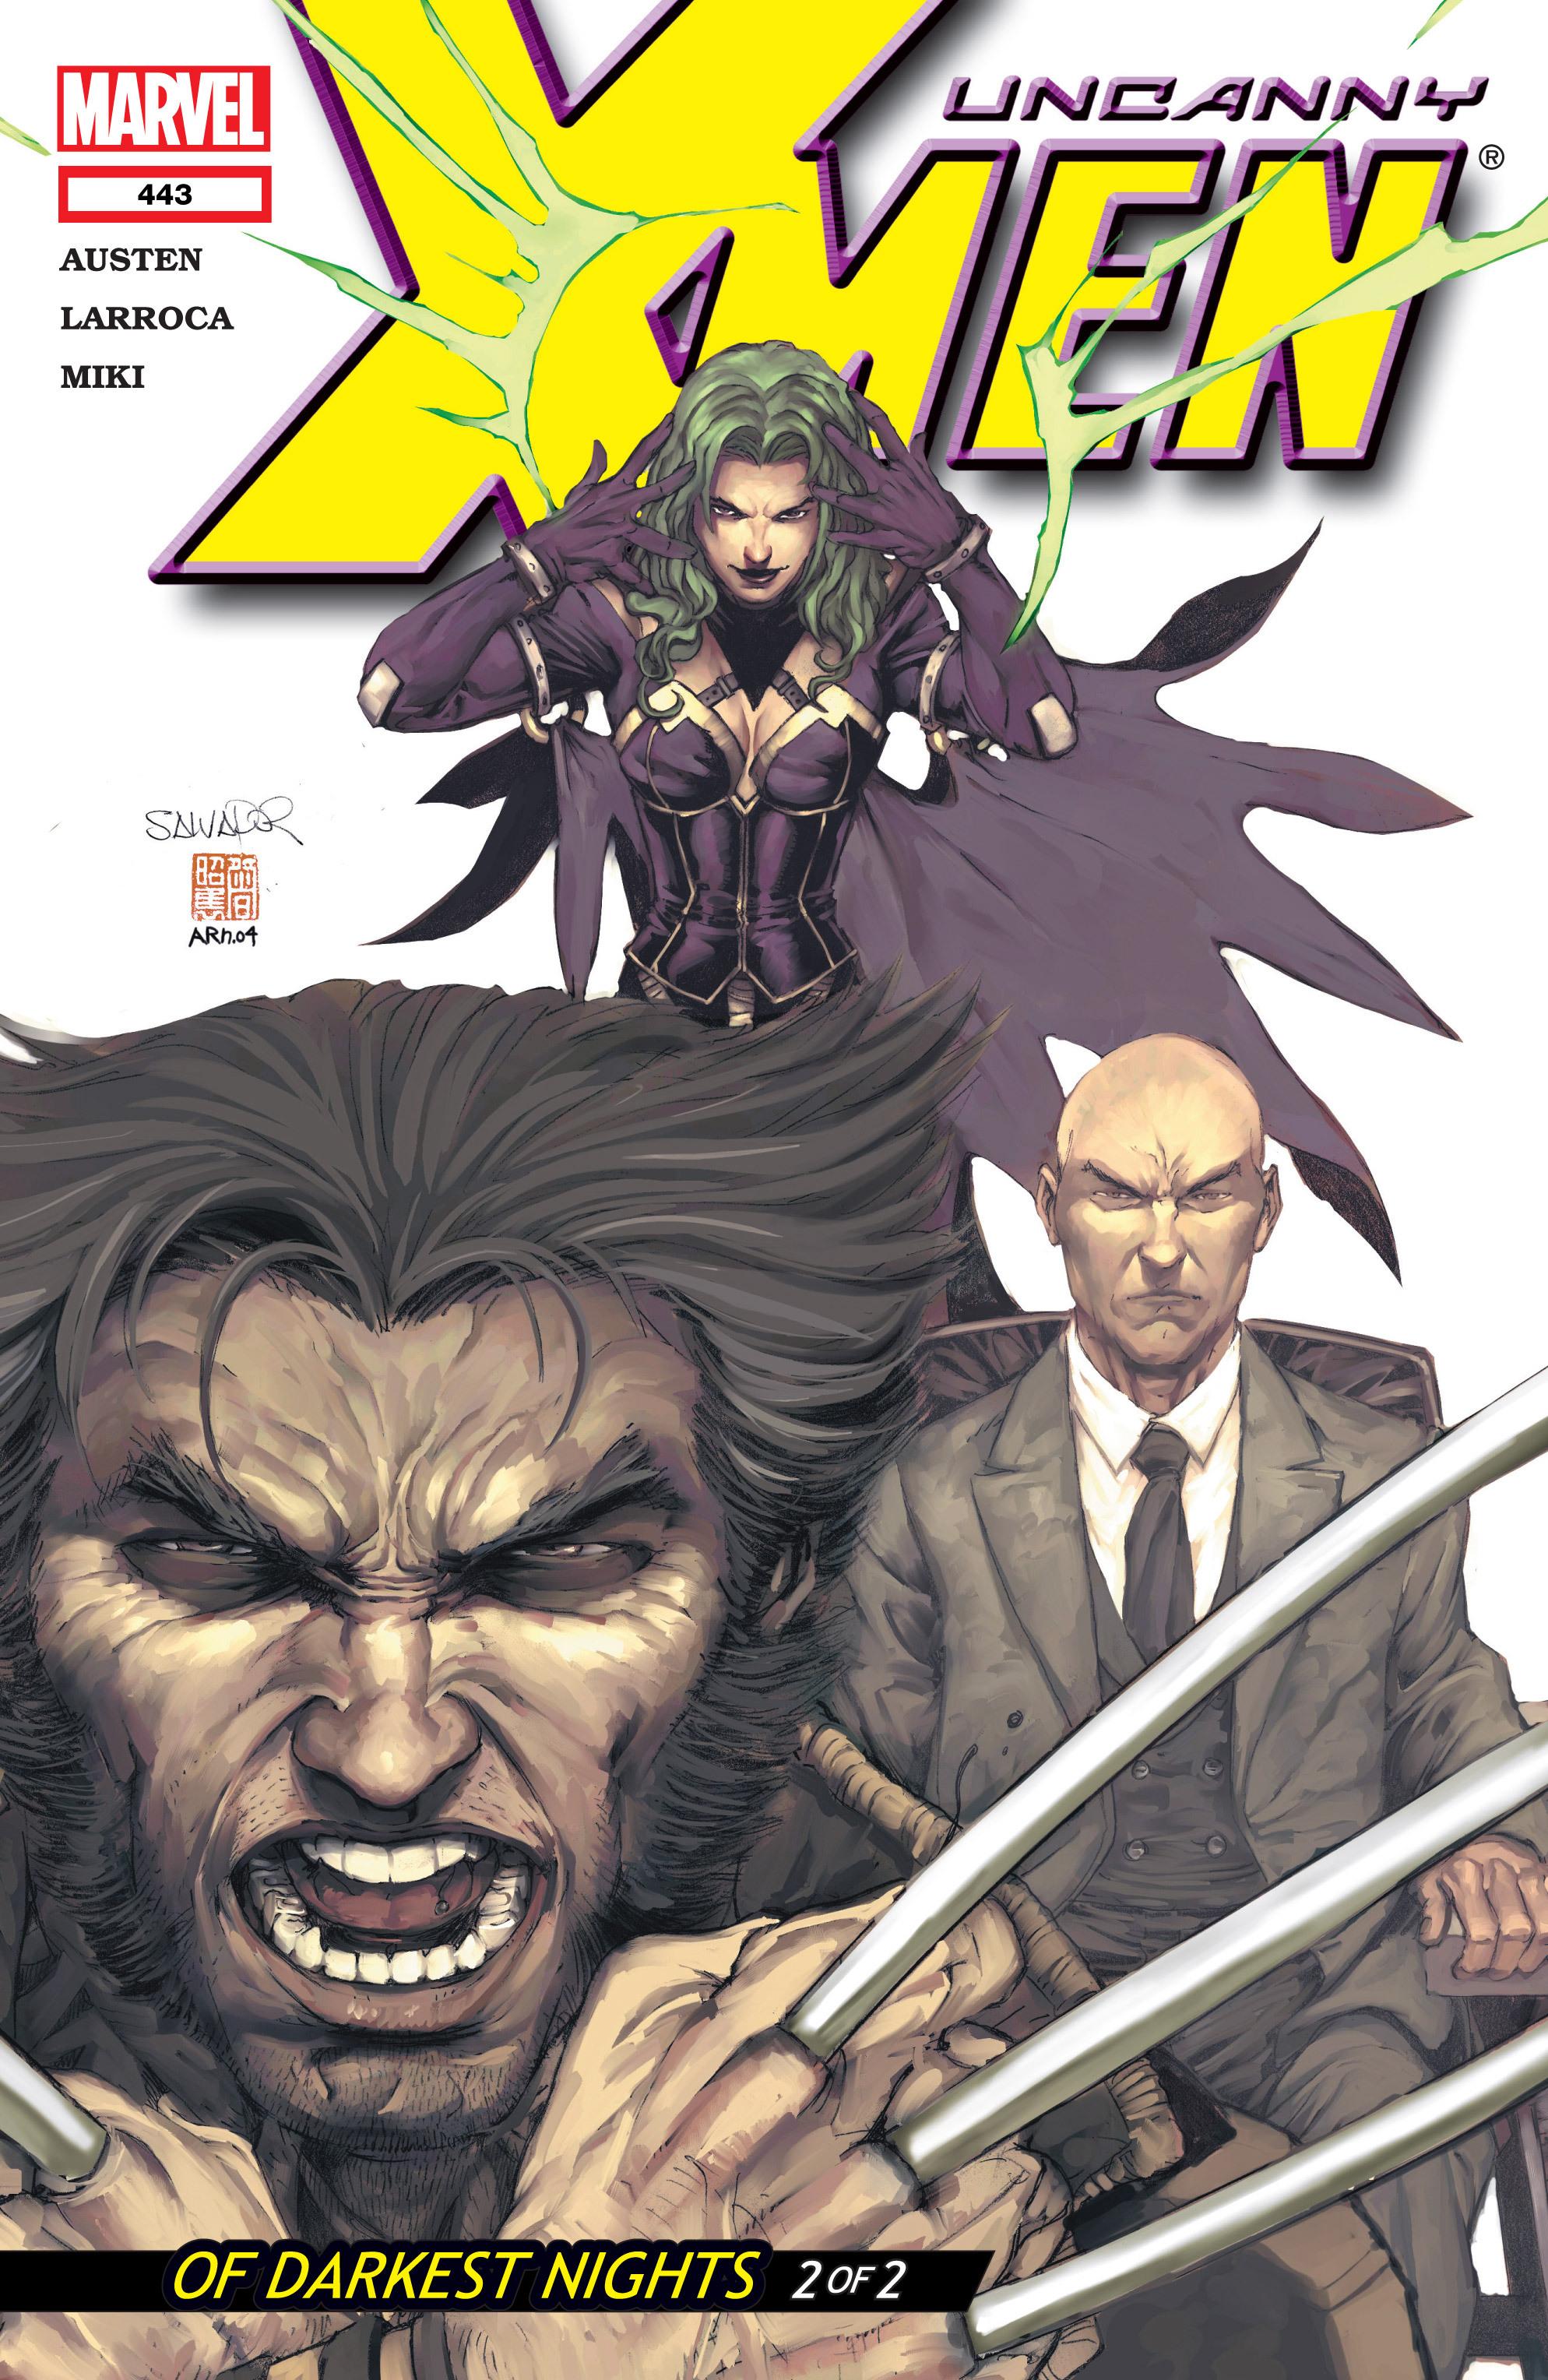 Read online Uncanny X-Men (1963) comic -  Issue #443 - 1